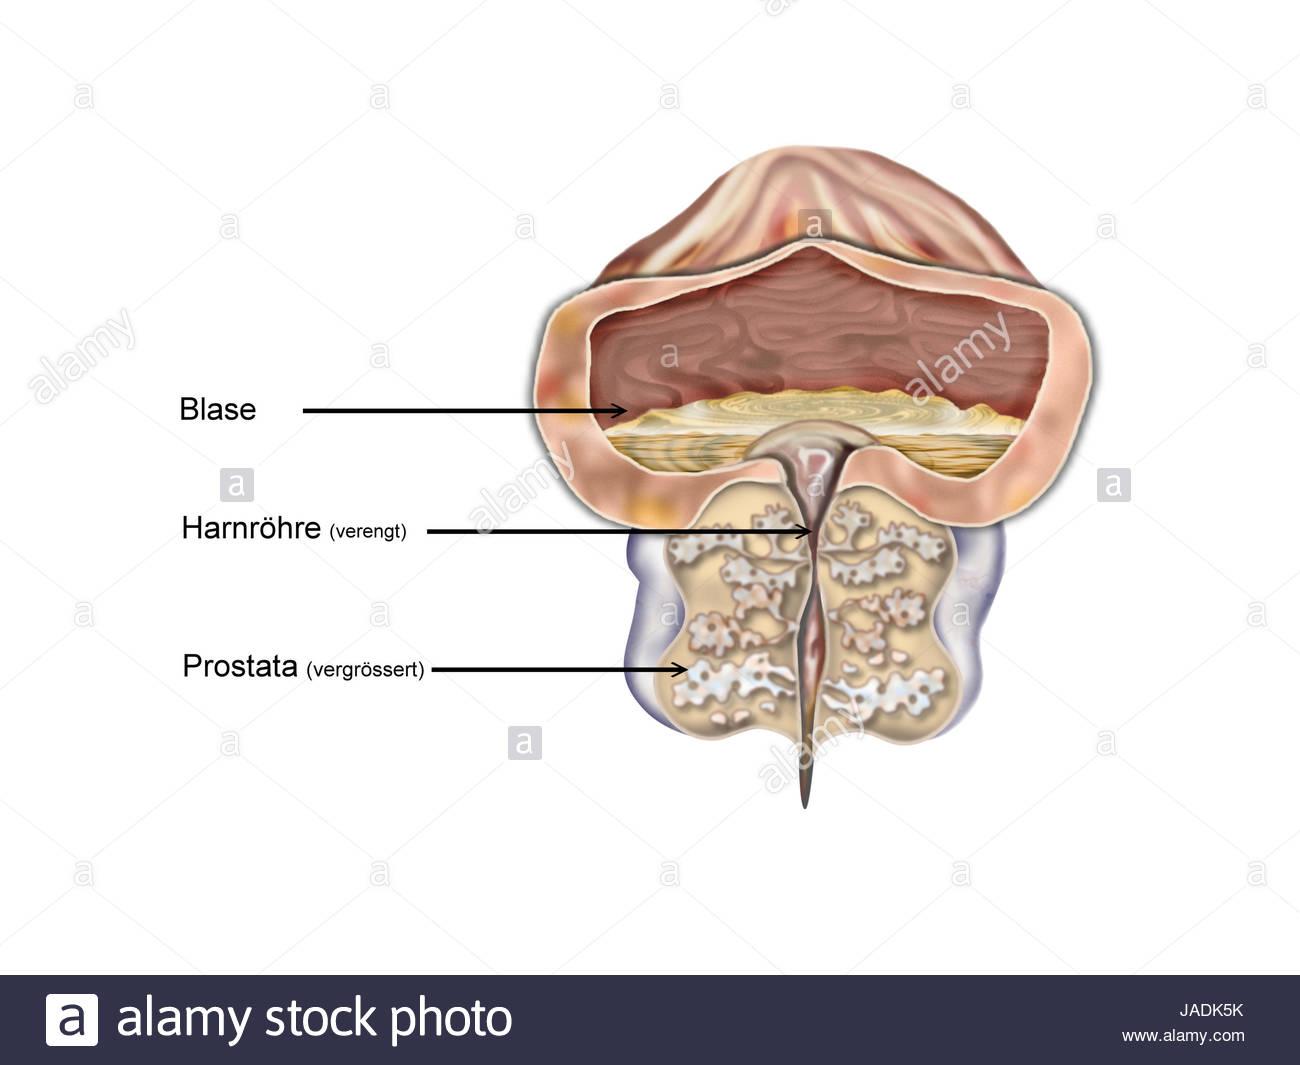 Berühmt Prostata Bilder Anatomie Fotos - Menschliche Anatomie Bilder ...